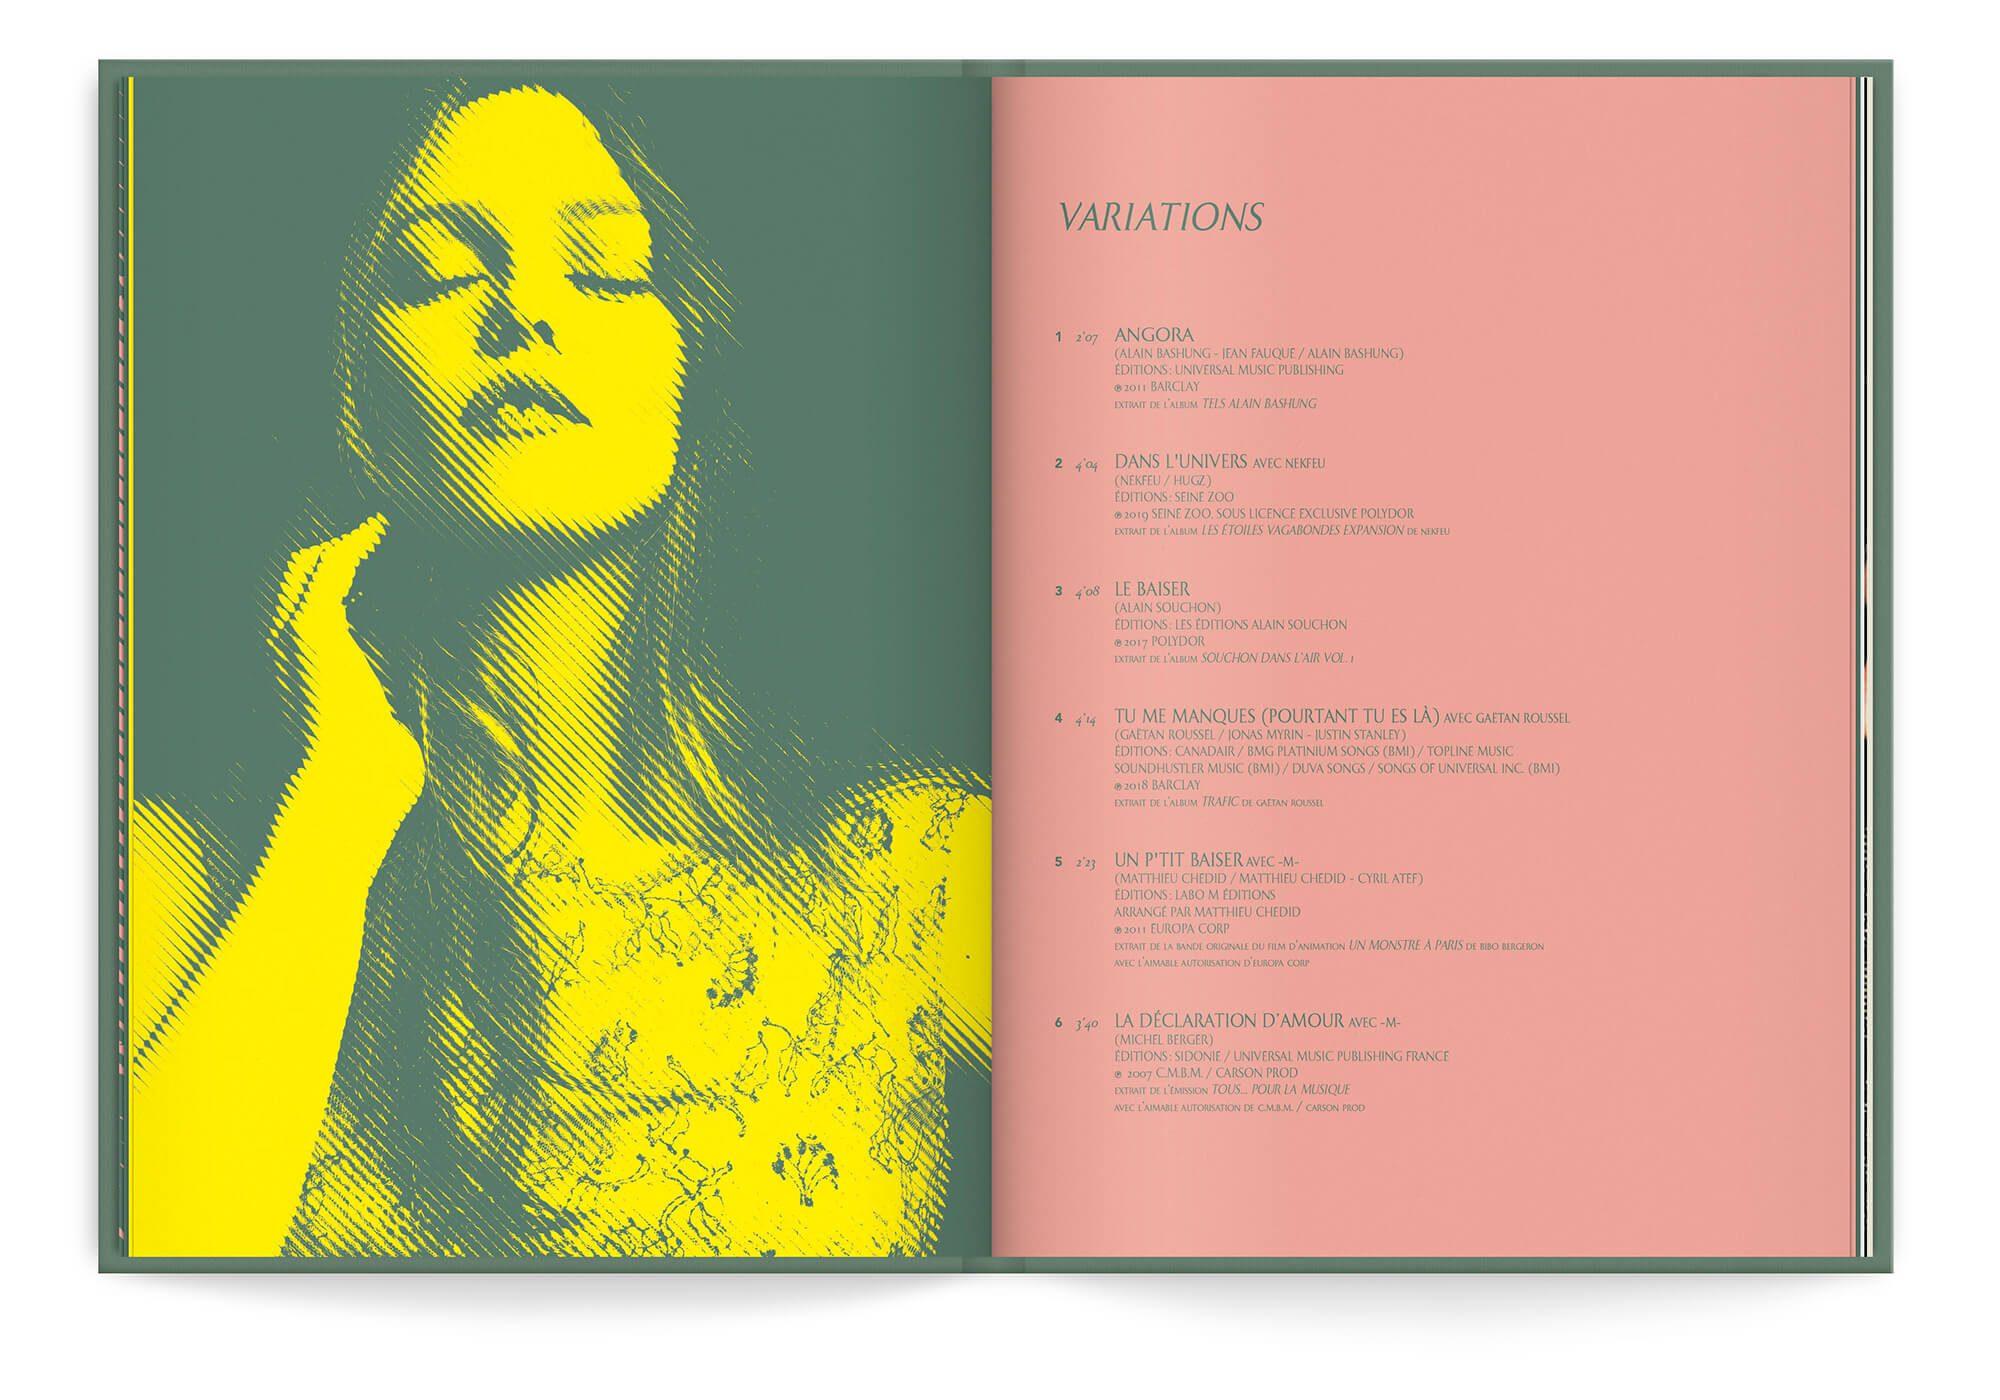 Portrait de Vanessa Paradis en trame bitmap jaune et vert. Graphisme signé IchetKar